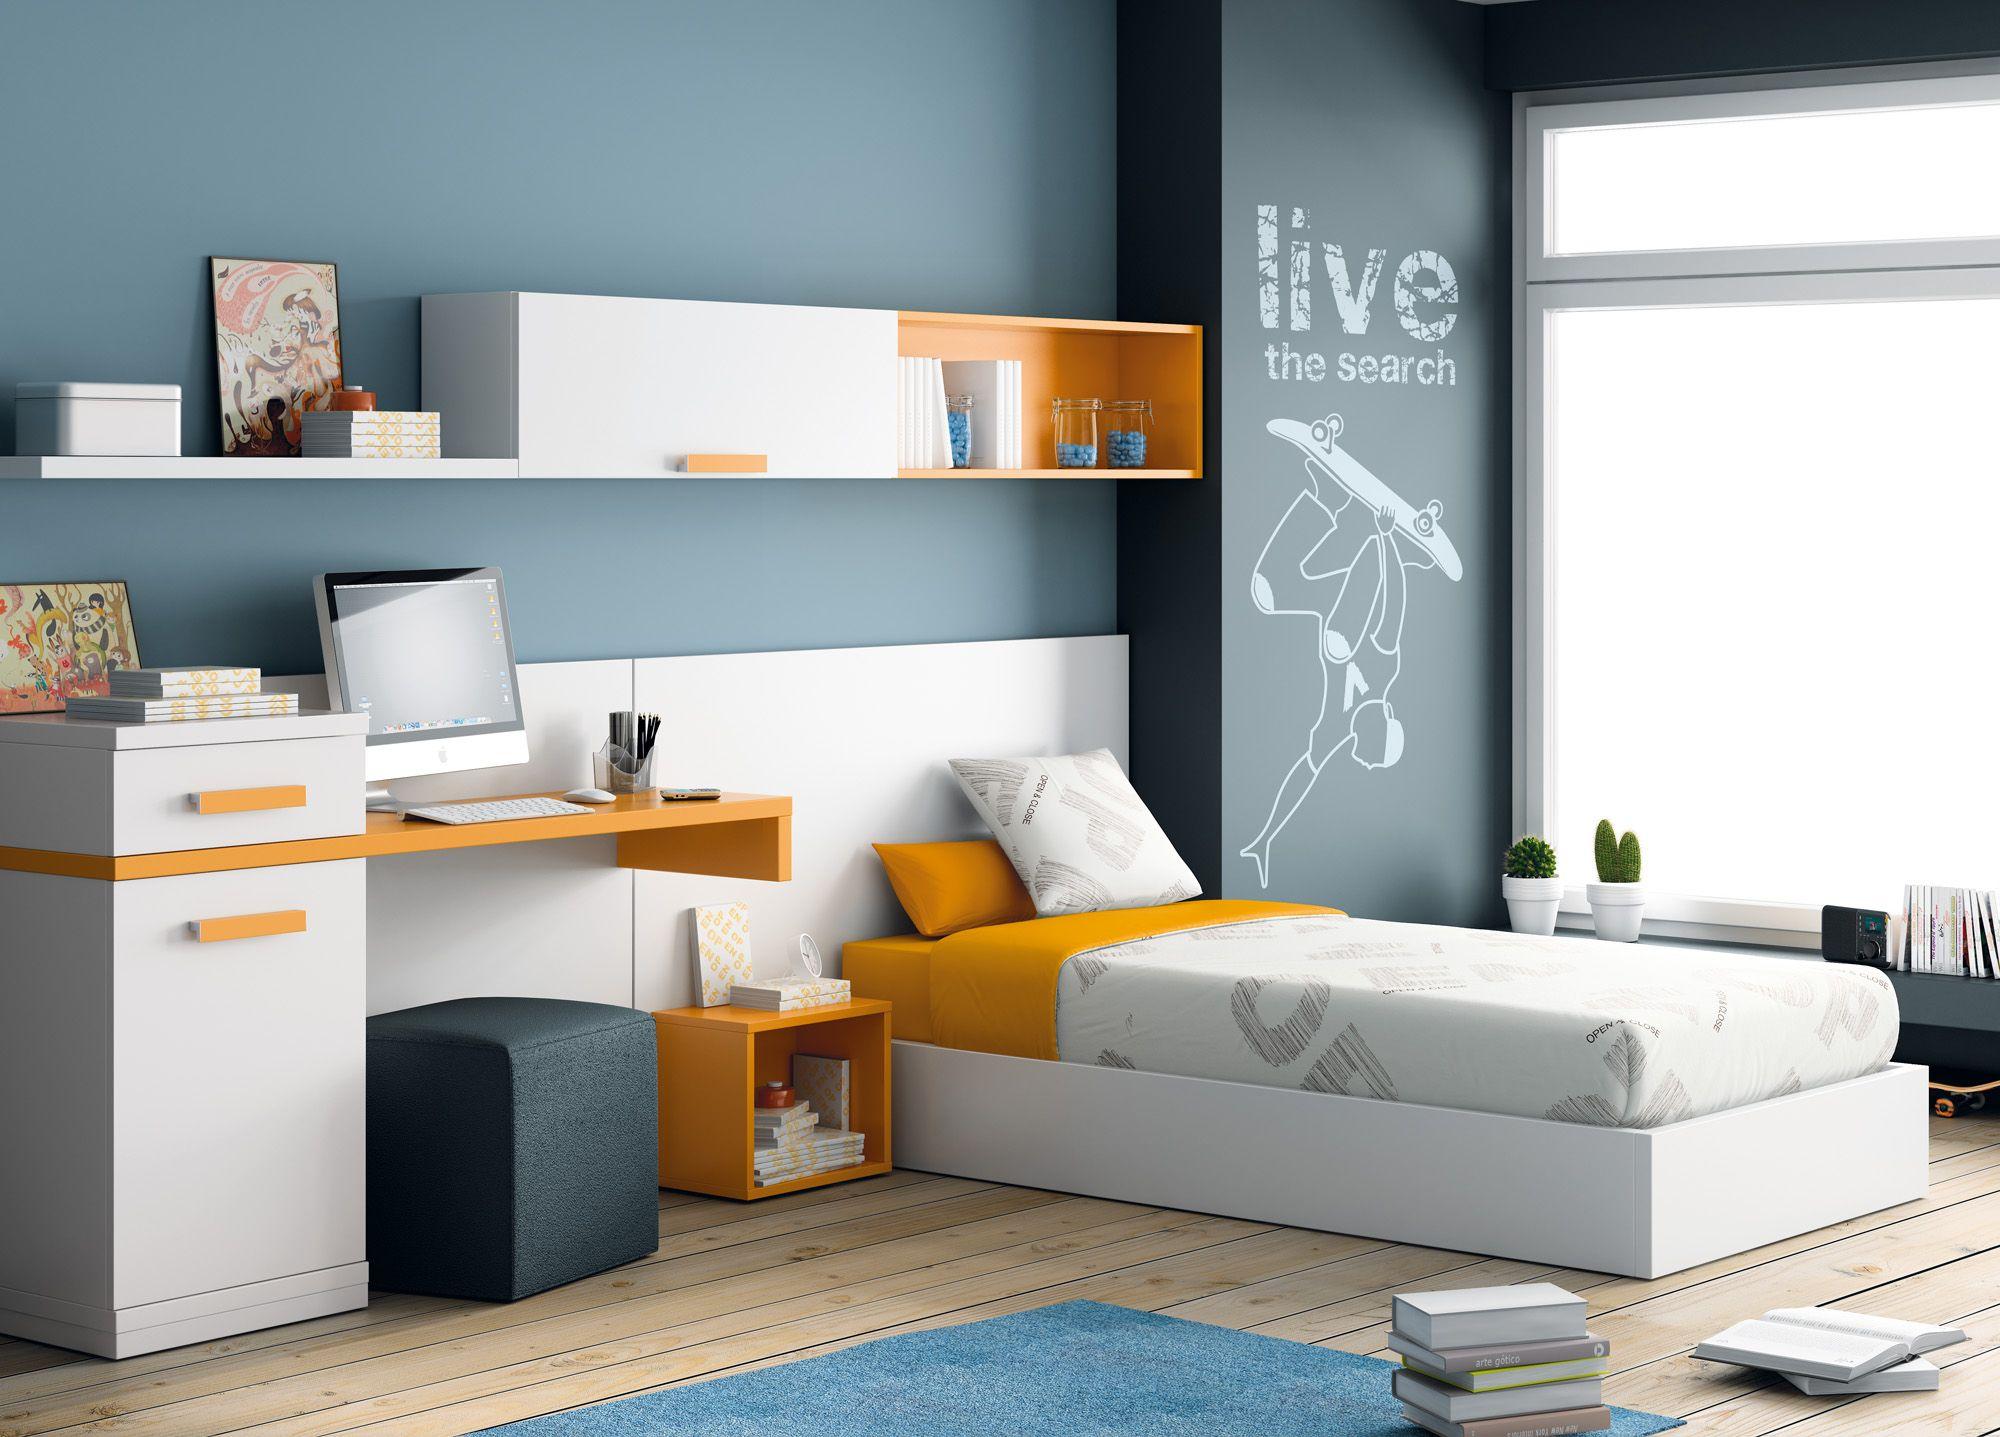 En el dise o de una habitaci n juvenil se debe - Diseno habitacion juvenil ...